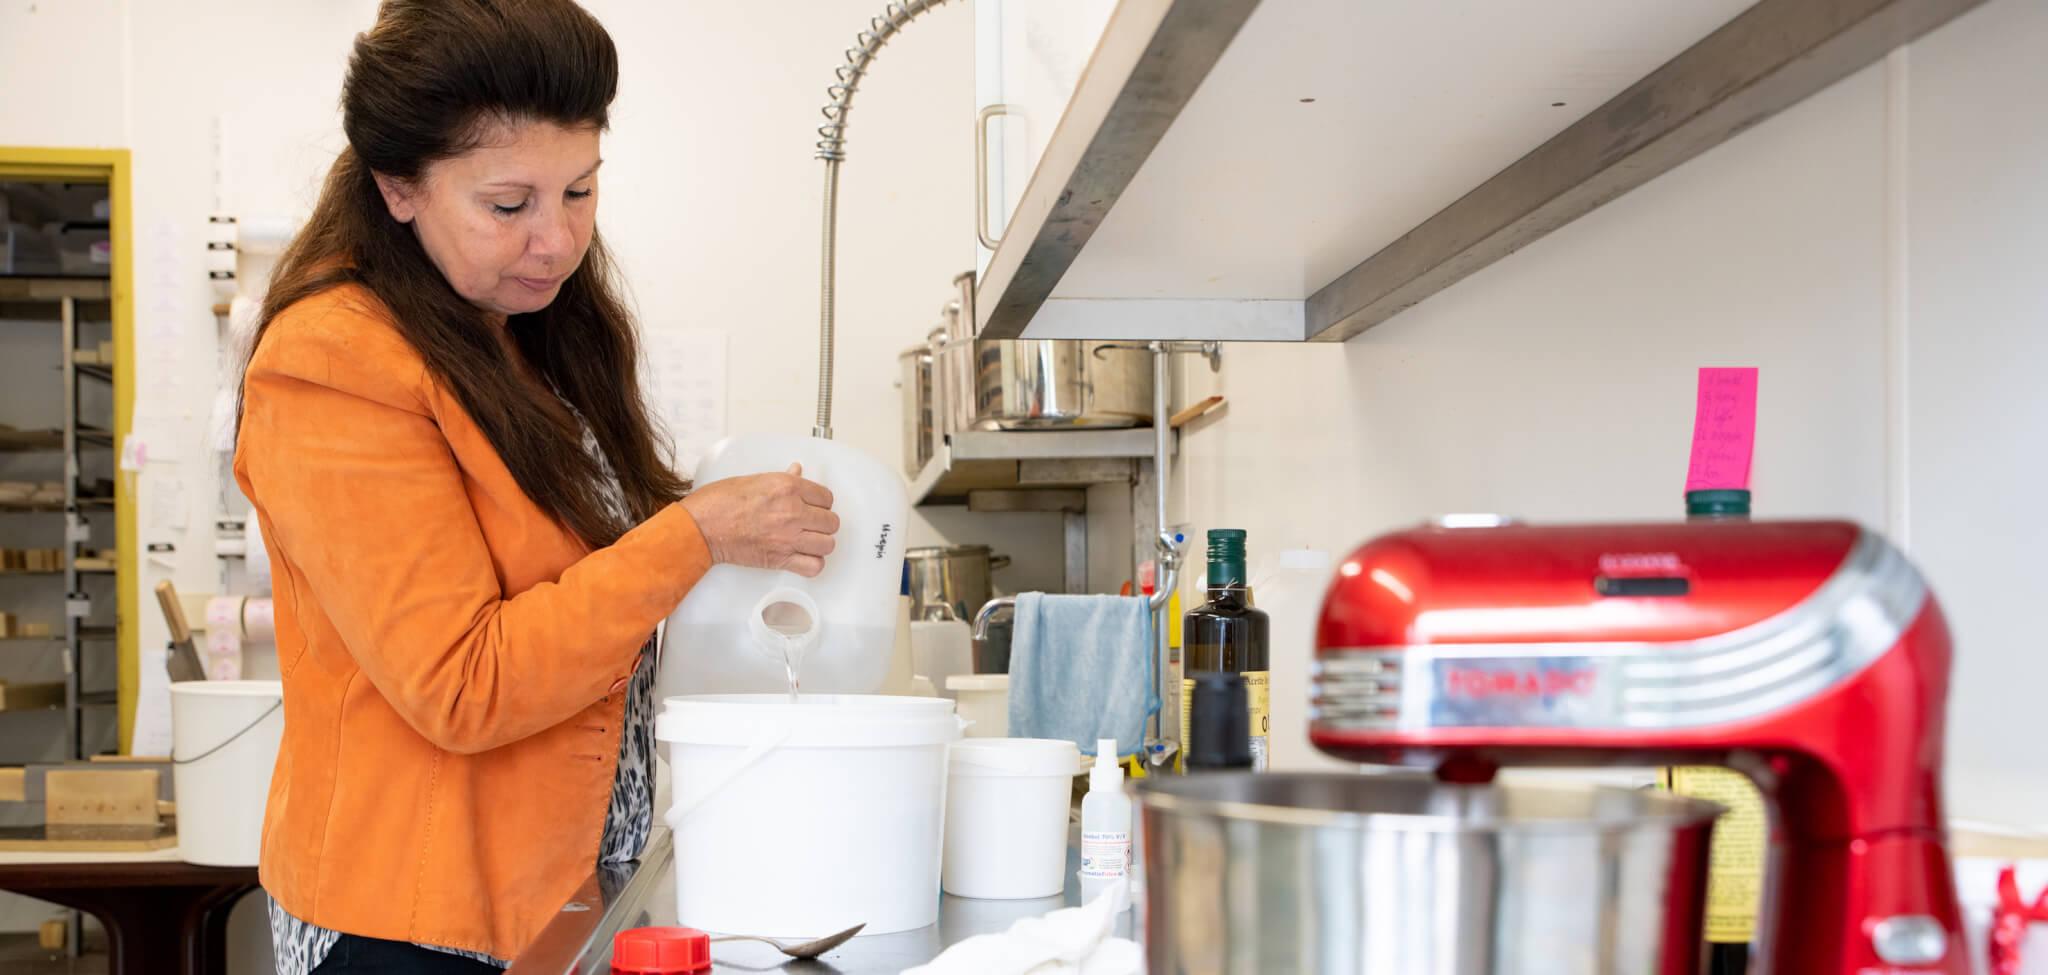 Leontien maakt met de hand zeep in haar Zeepatelier Uzepia in Kudelstaart